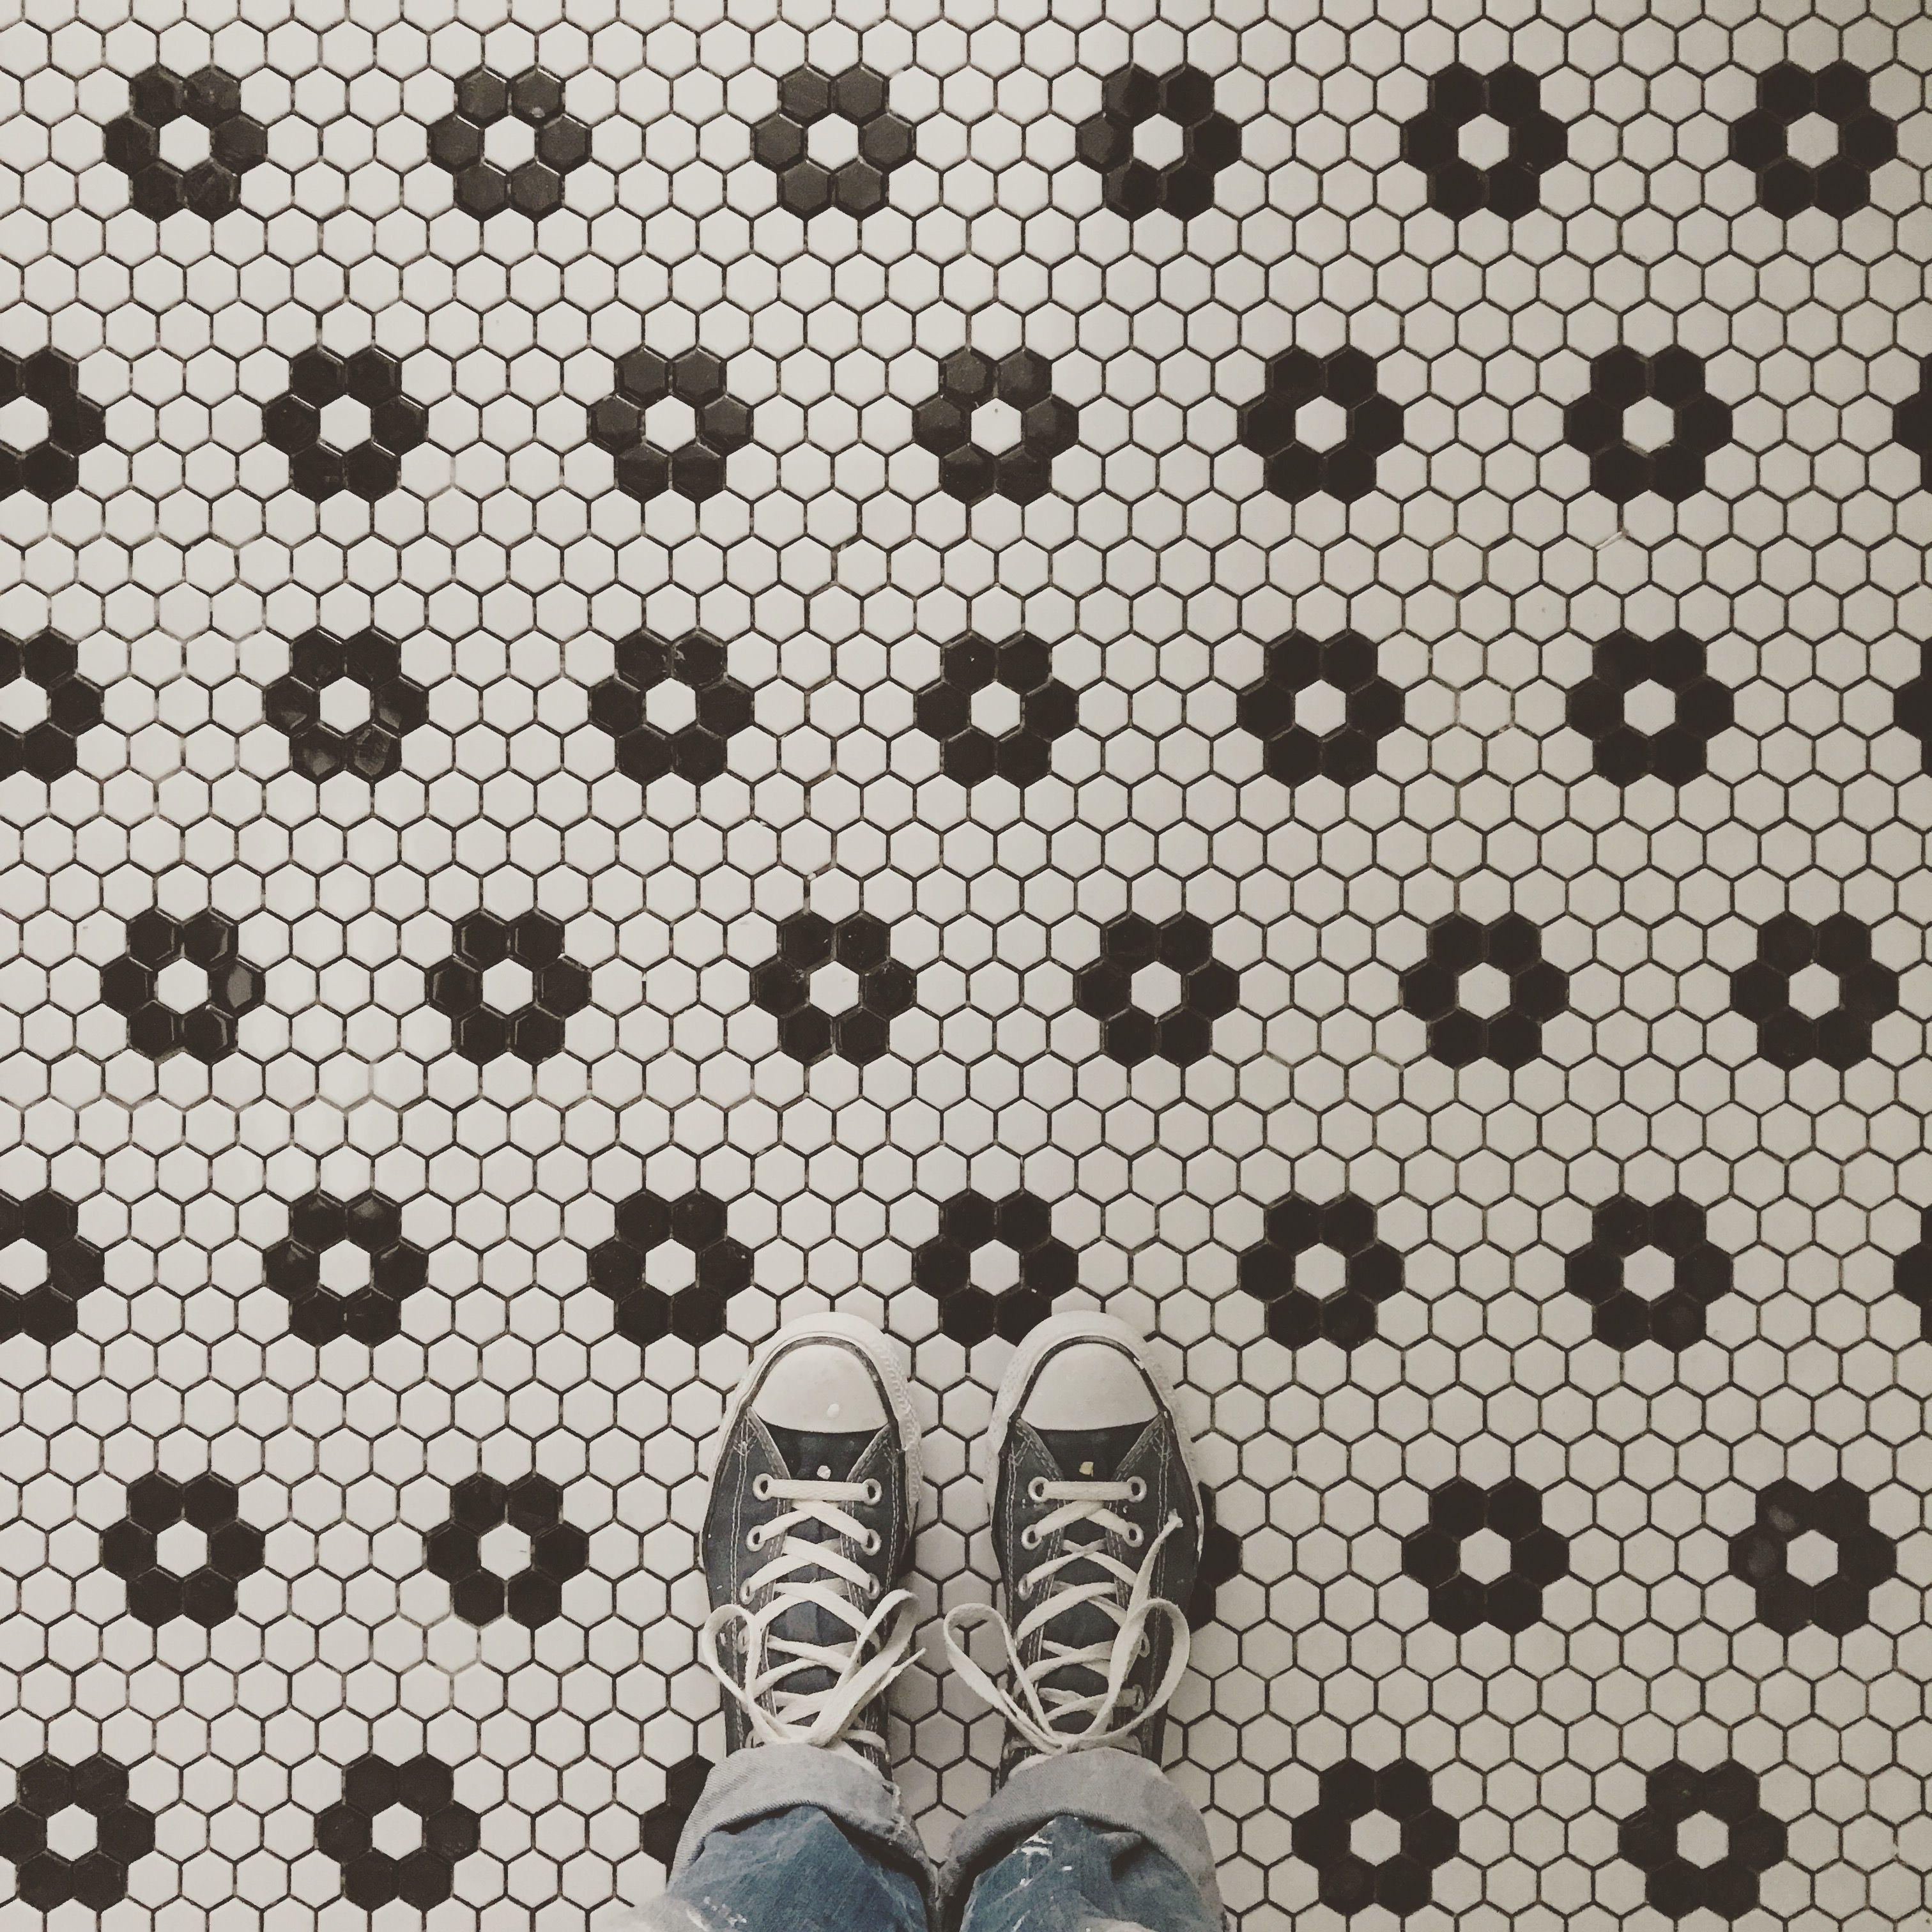 @les_penates_reims - Carrelage mosaïque hexagonale | Salle de douche, Carrelage mosaique ...